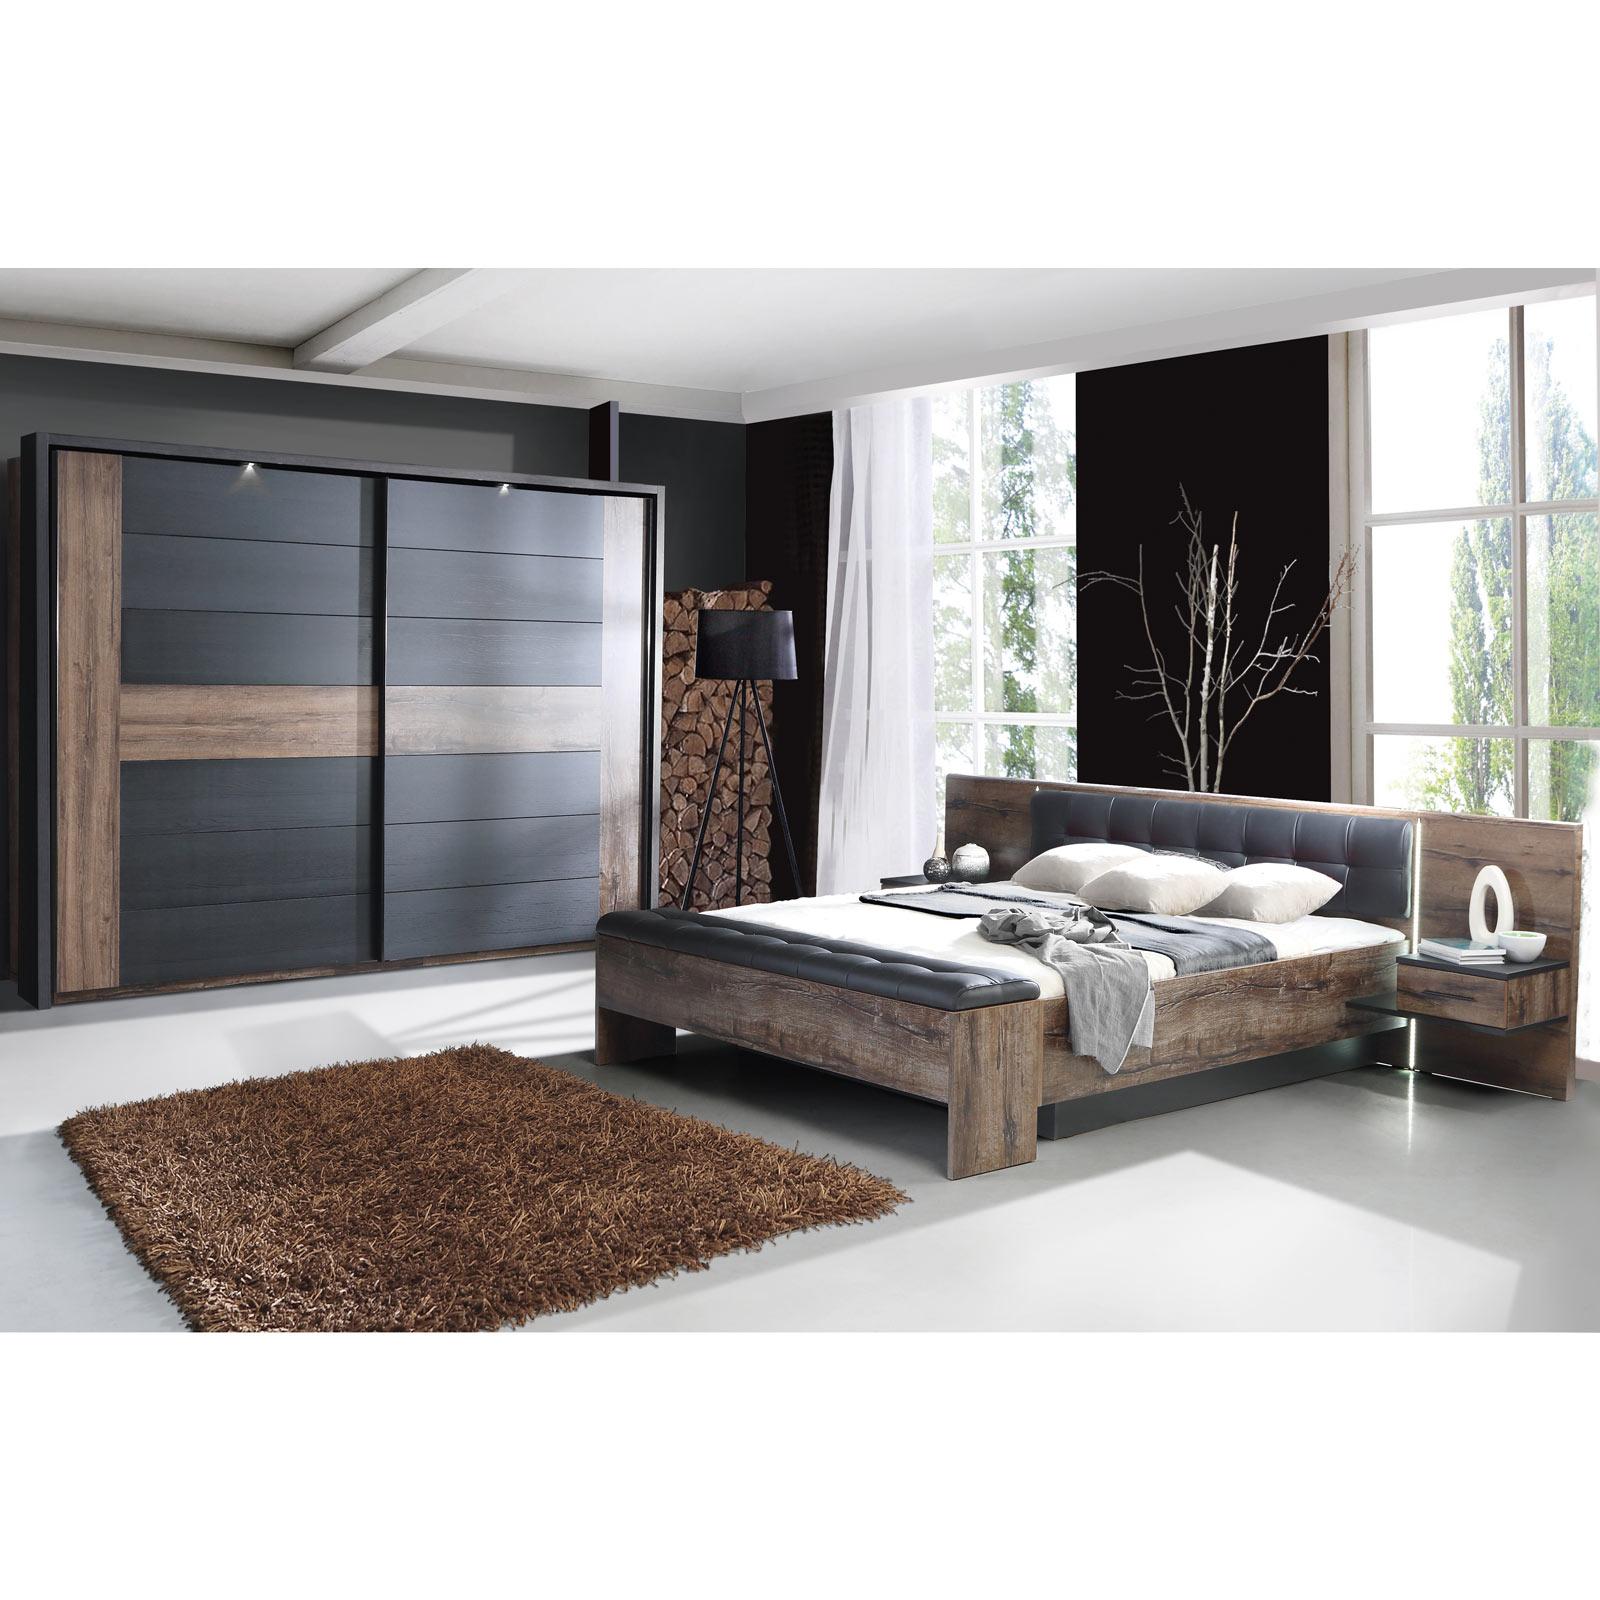 4-teiliges Schlafzimmer Set - Schlammeiche-Schwarzeiche